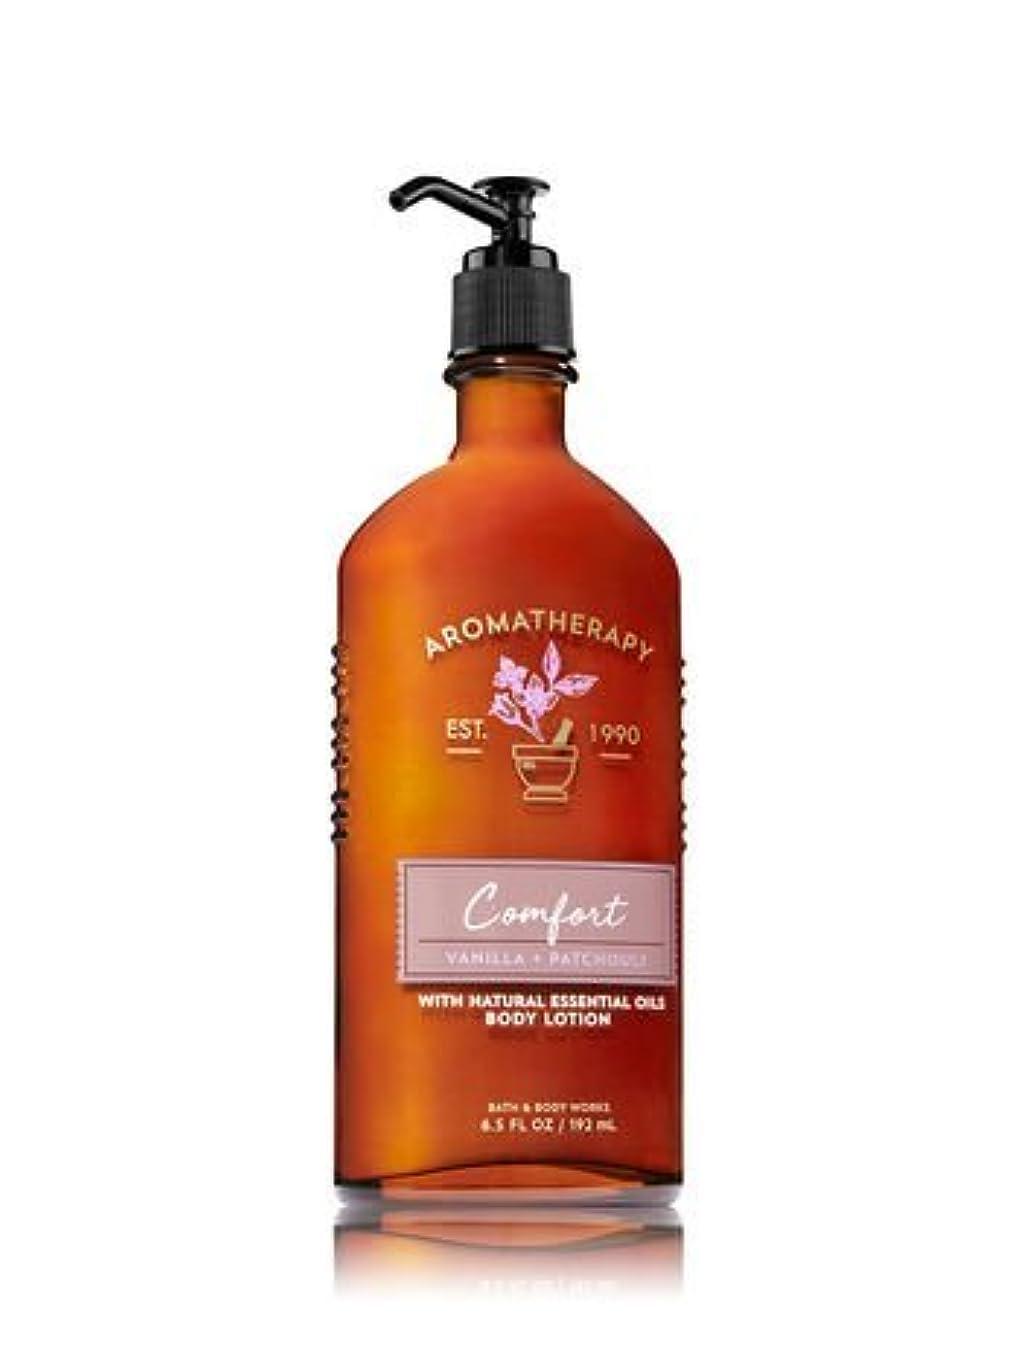 契約膨らませる周囲【Bath&Body Works/バス&ボディワークス】 ボディローション アロマセラピー コンフォート バニラパチョリ Body Lotion Aromatherapy Comfort Vanilla Patchouli...